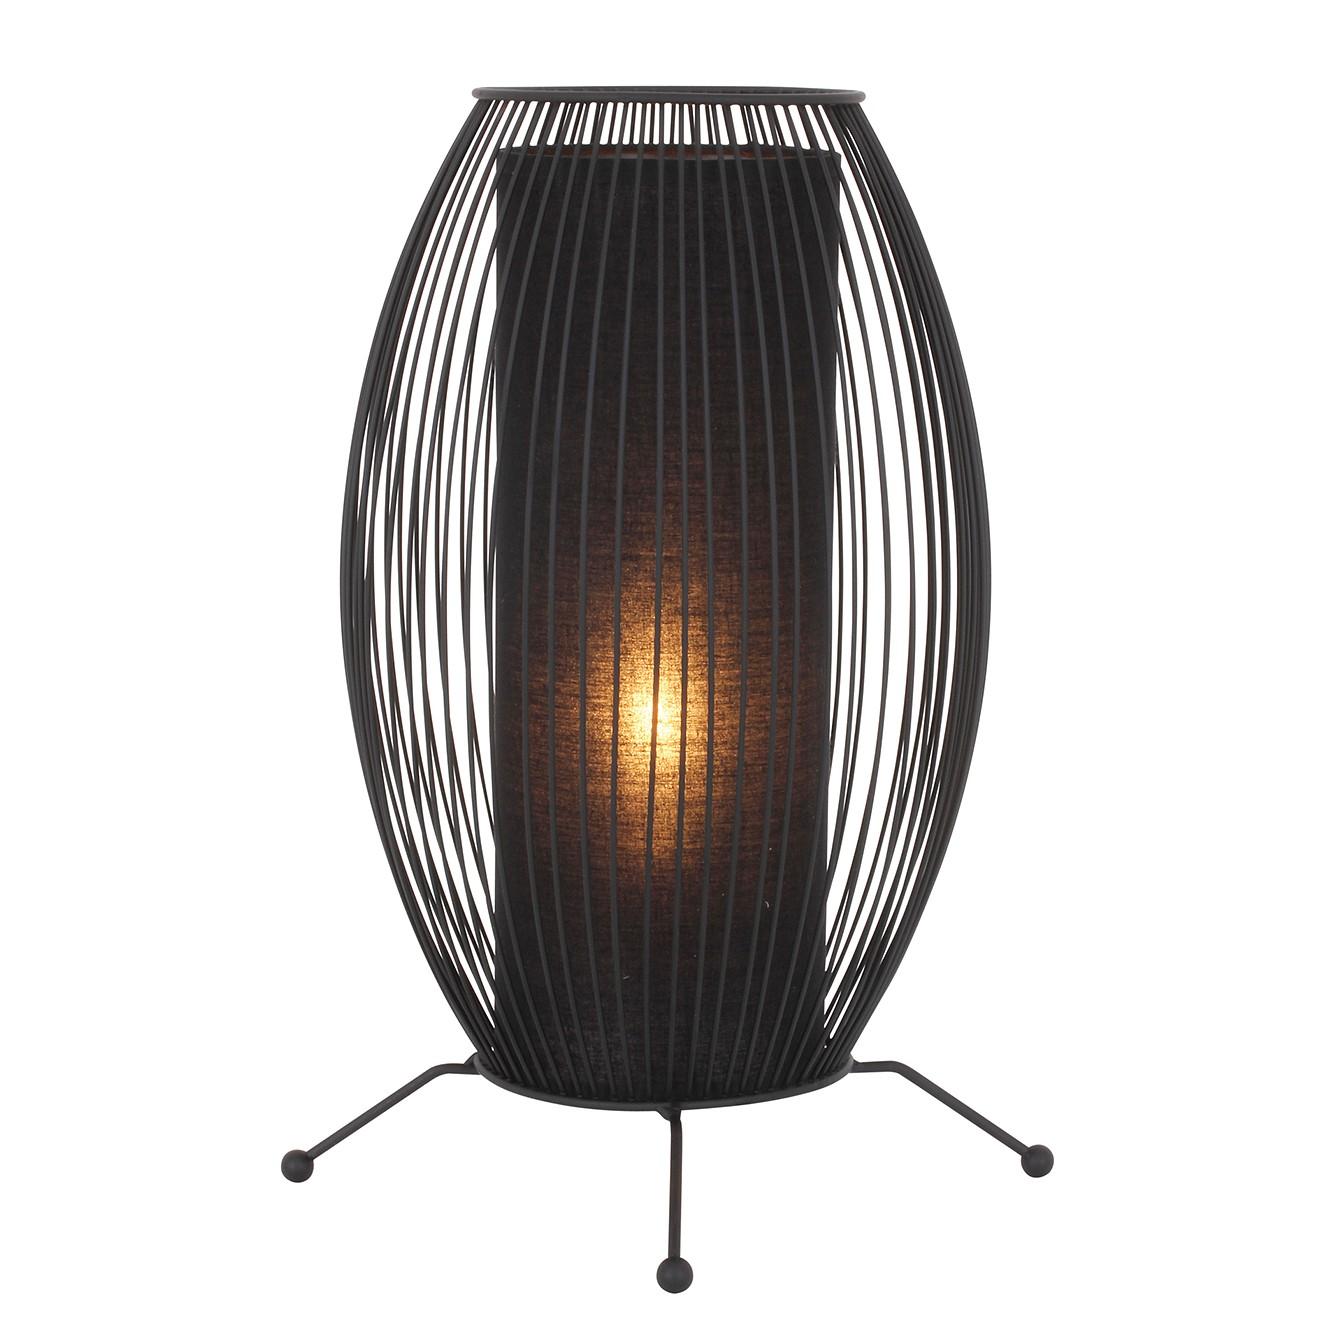 Tischleuchte Wired ● Metall/Textil ● Schwarz ● 1-flammig- Näve A++